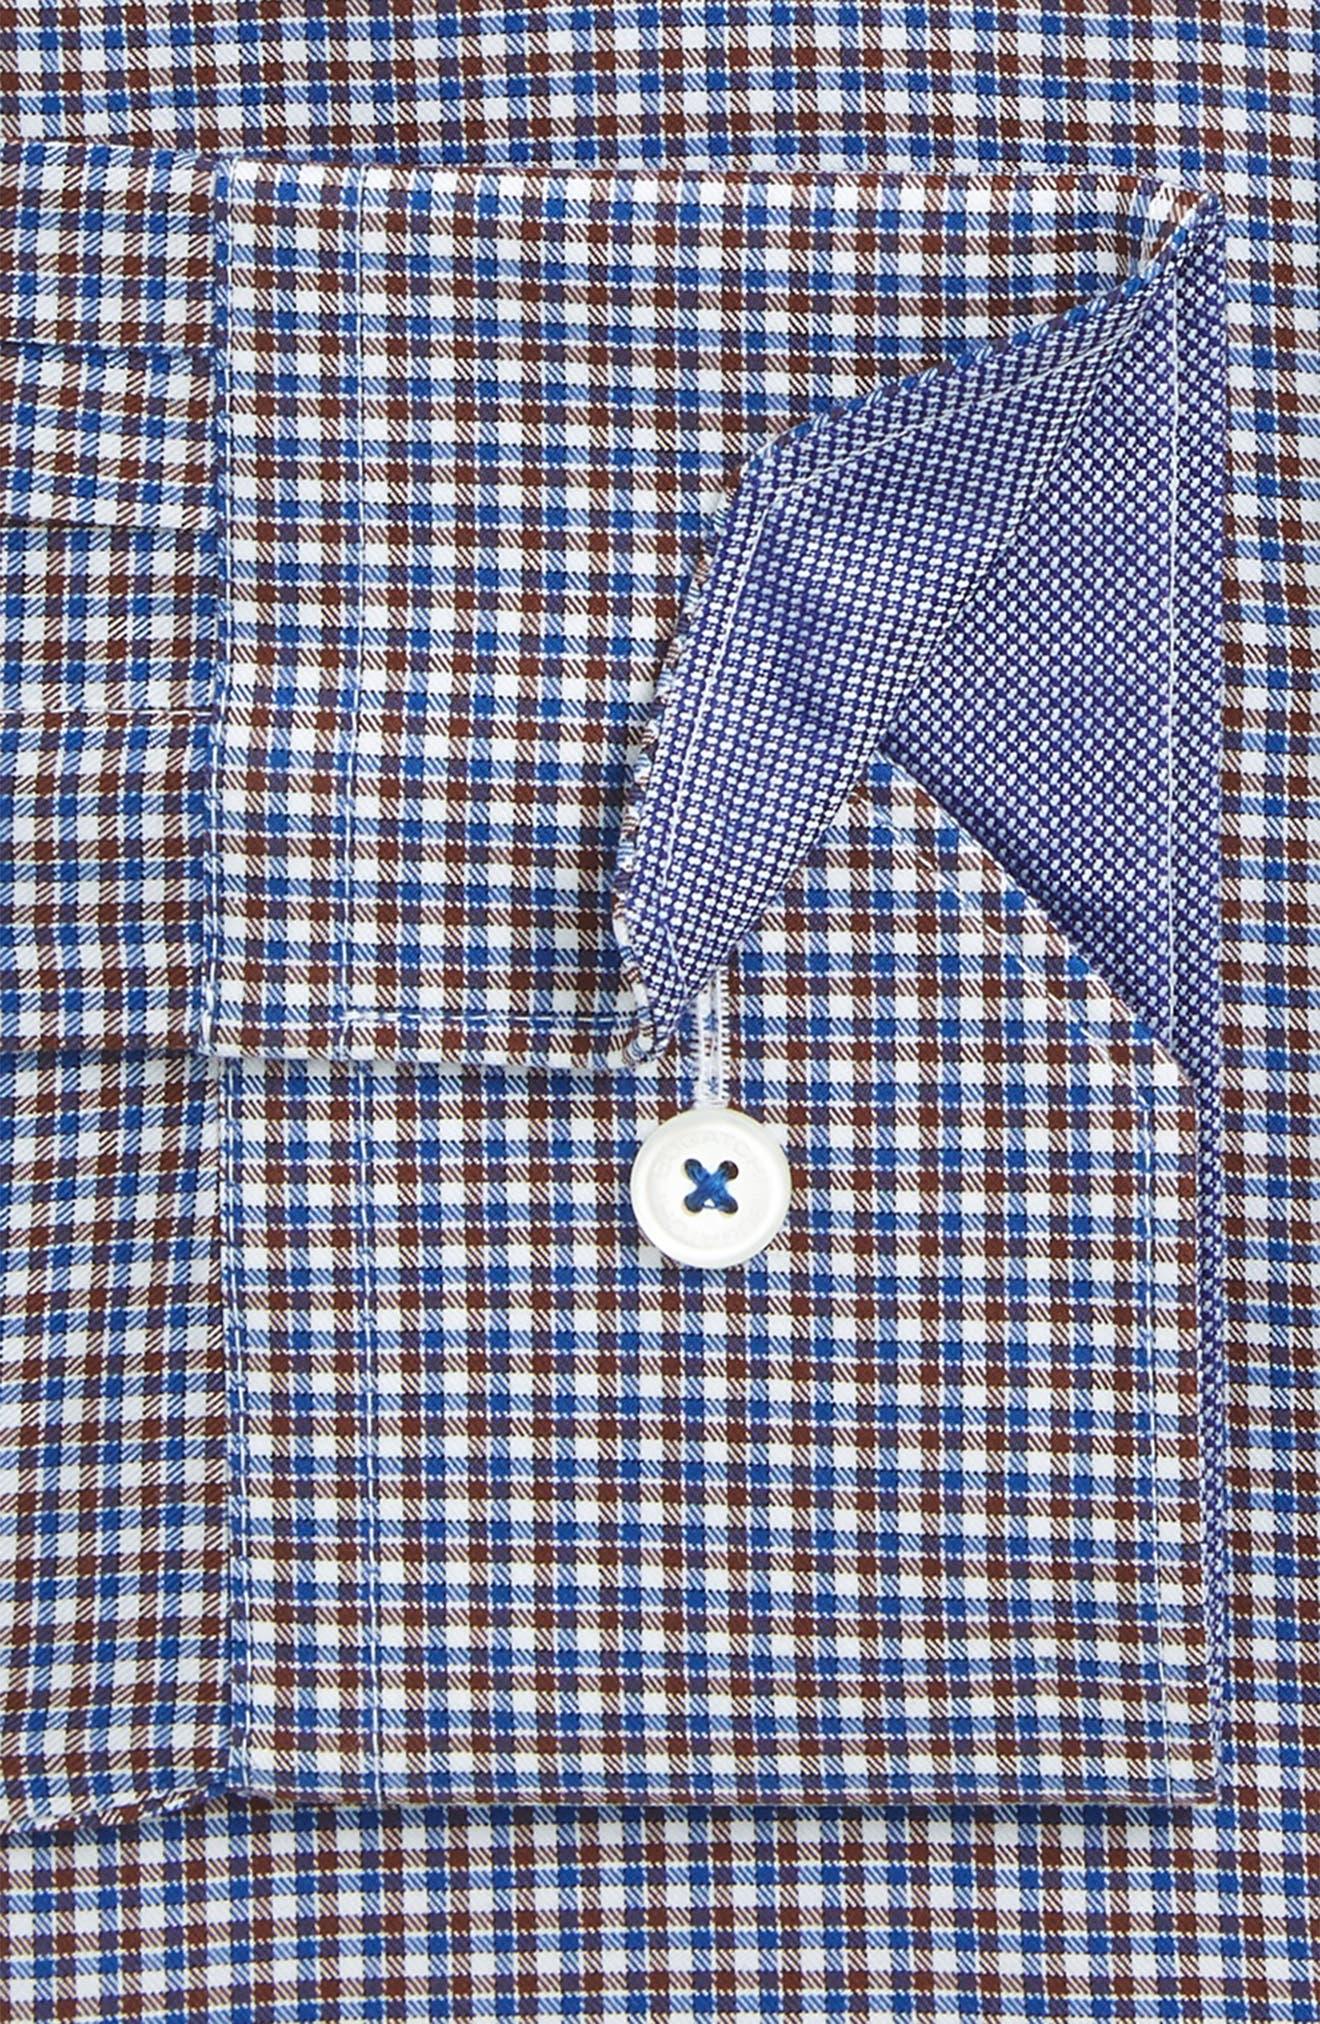 Trim Fit Plaid Dress Shirt,                             Main thumbnail 1, color,                             208